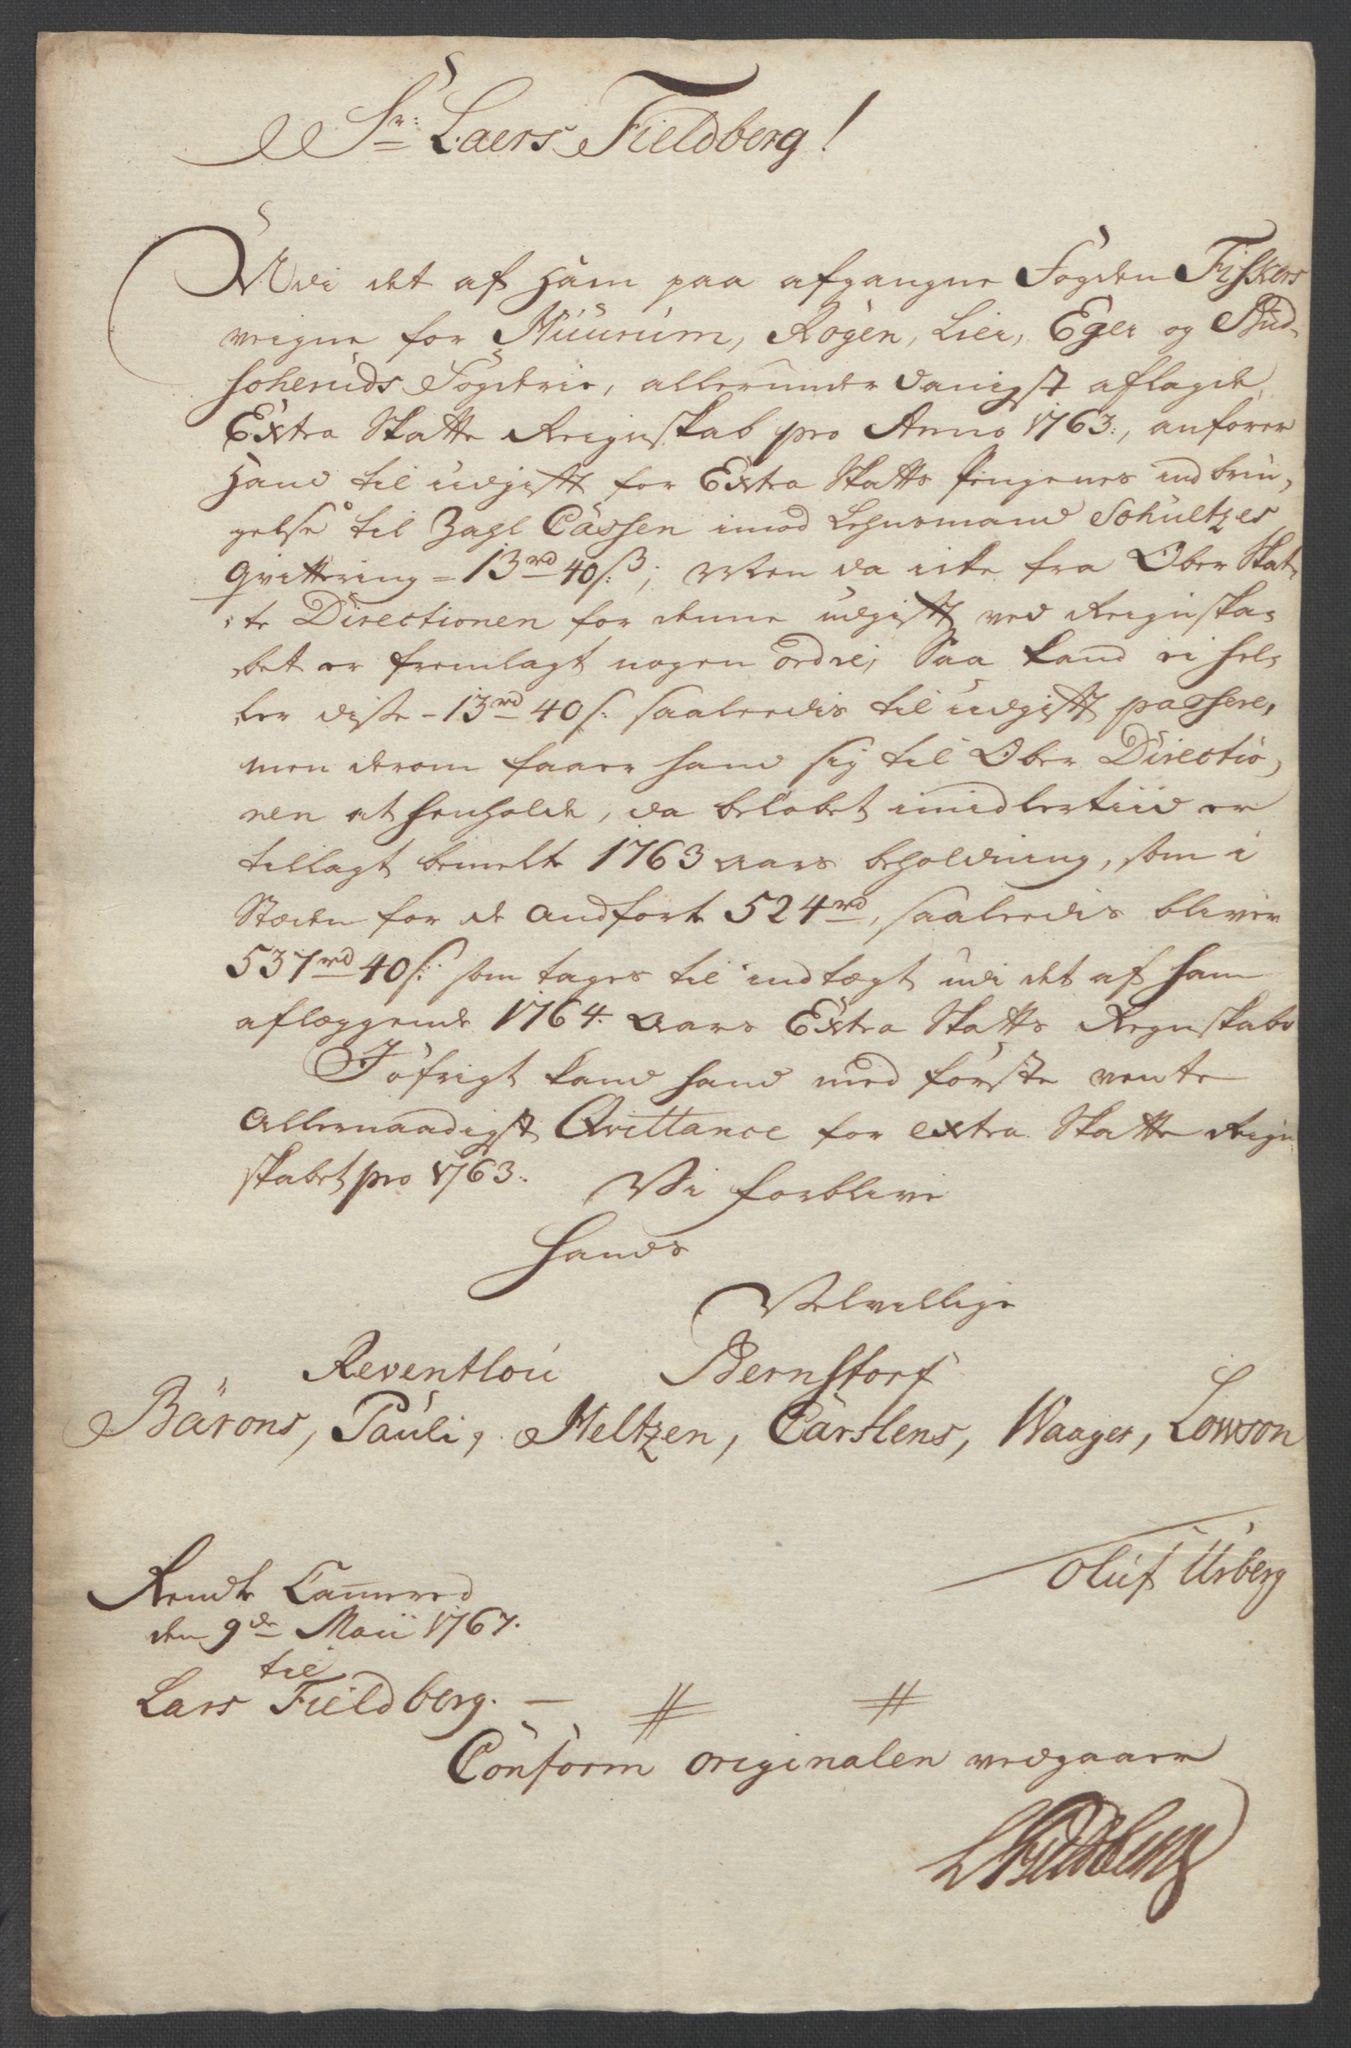 RA, Rentekammeret inntil 1814, Reviderte regnskaper, Fogderegnskap, R31/L1833: Ekstraskatten Hurum, Røyken, Eiker, Lier og Buskerud, 1762-1764, s. 216